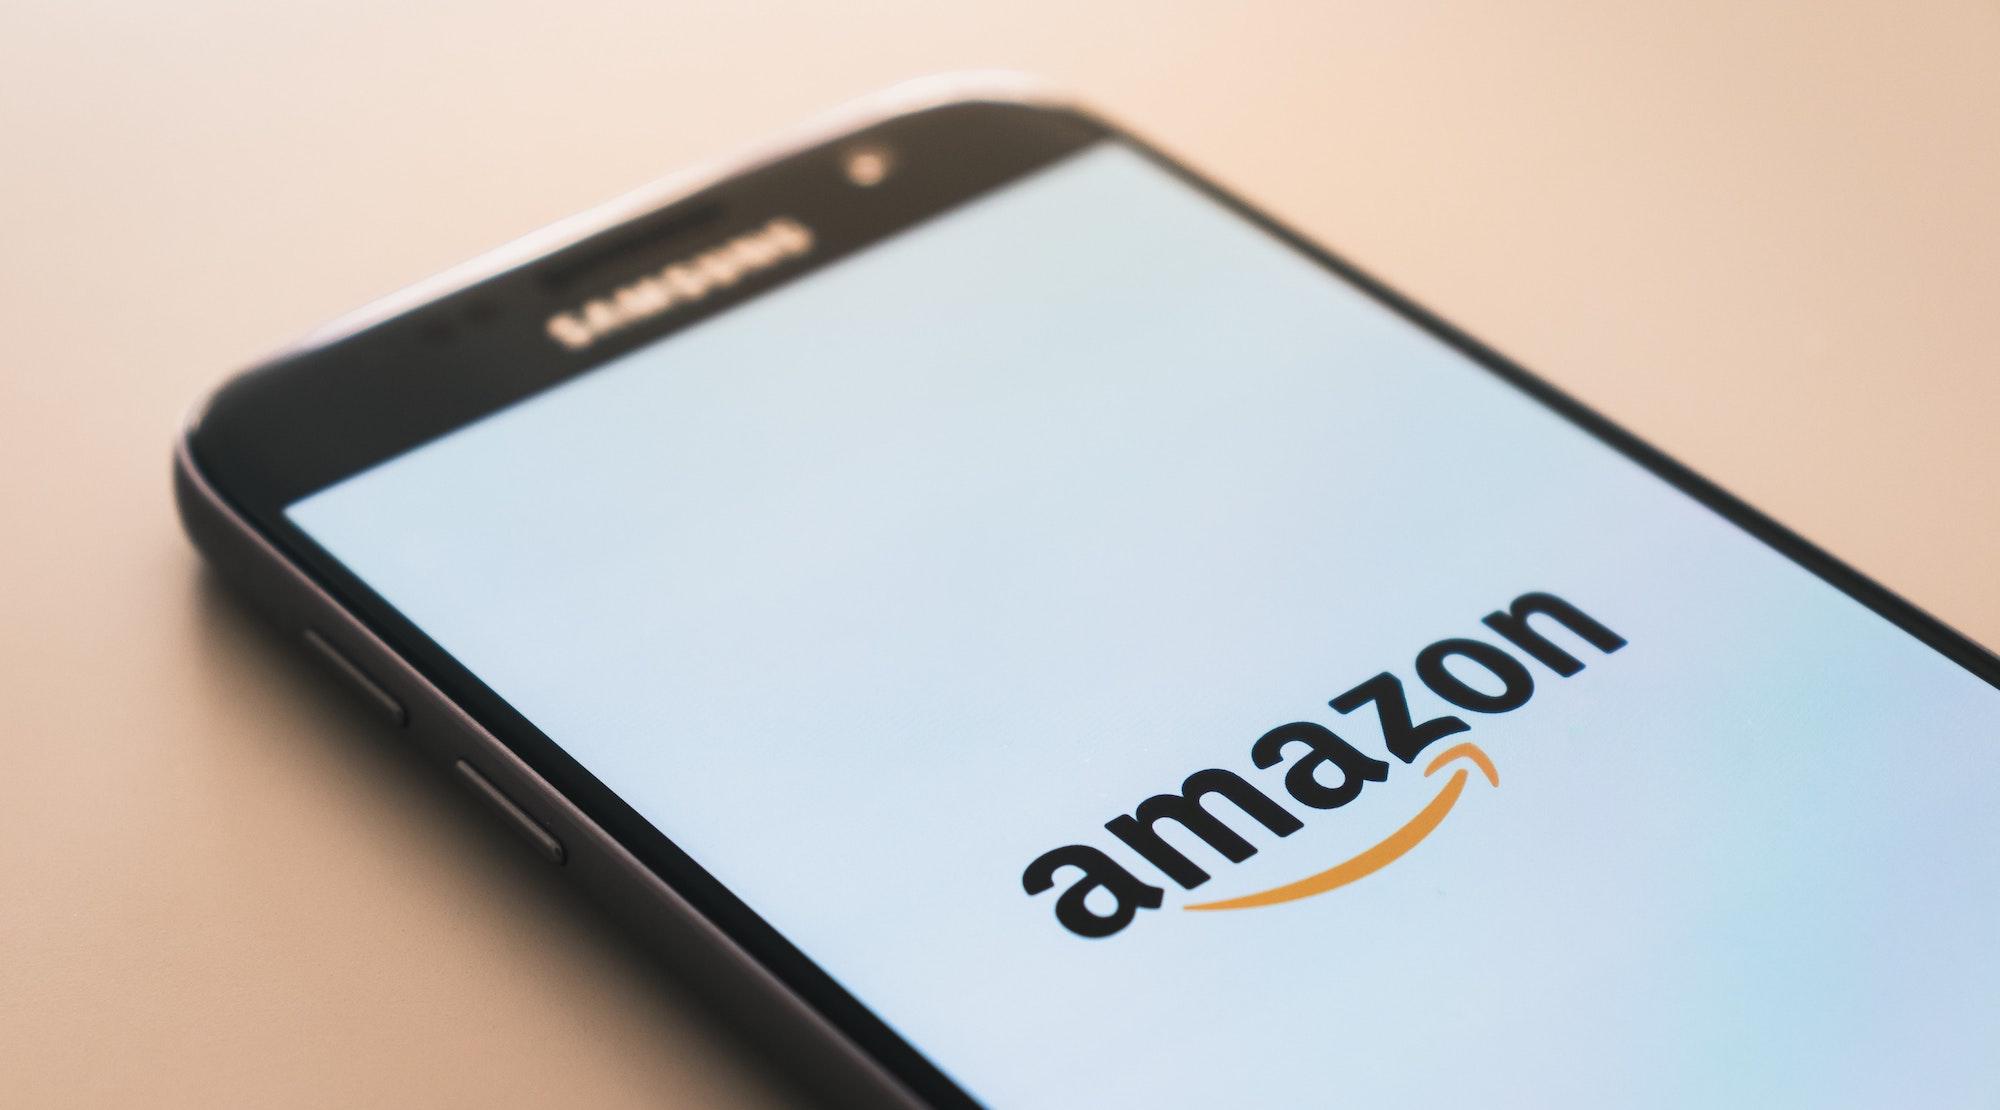 【送料無料&割引】amazonで買えるマルシンの商品